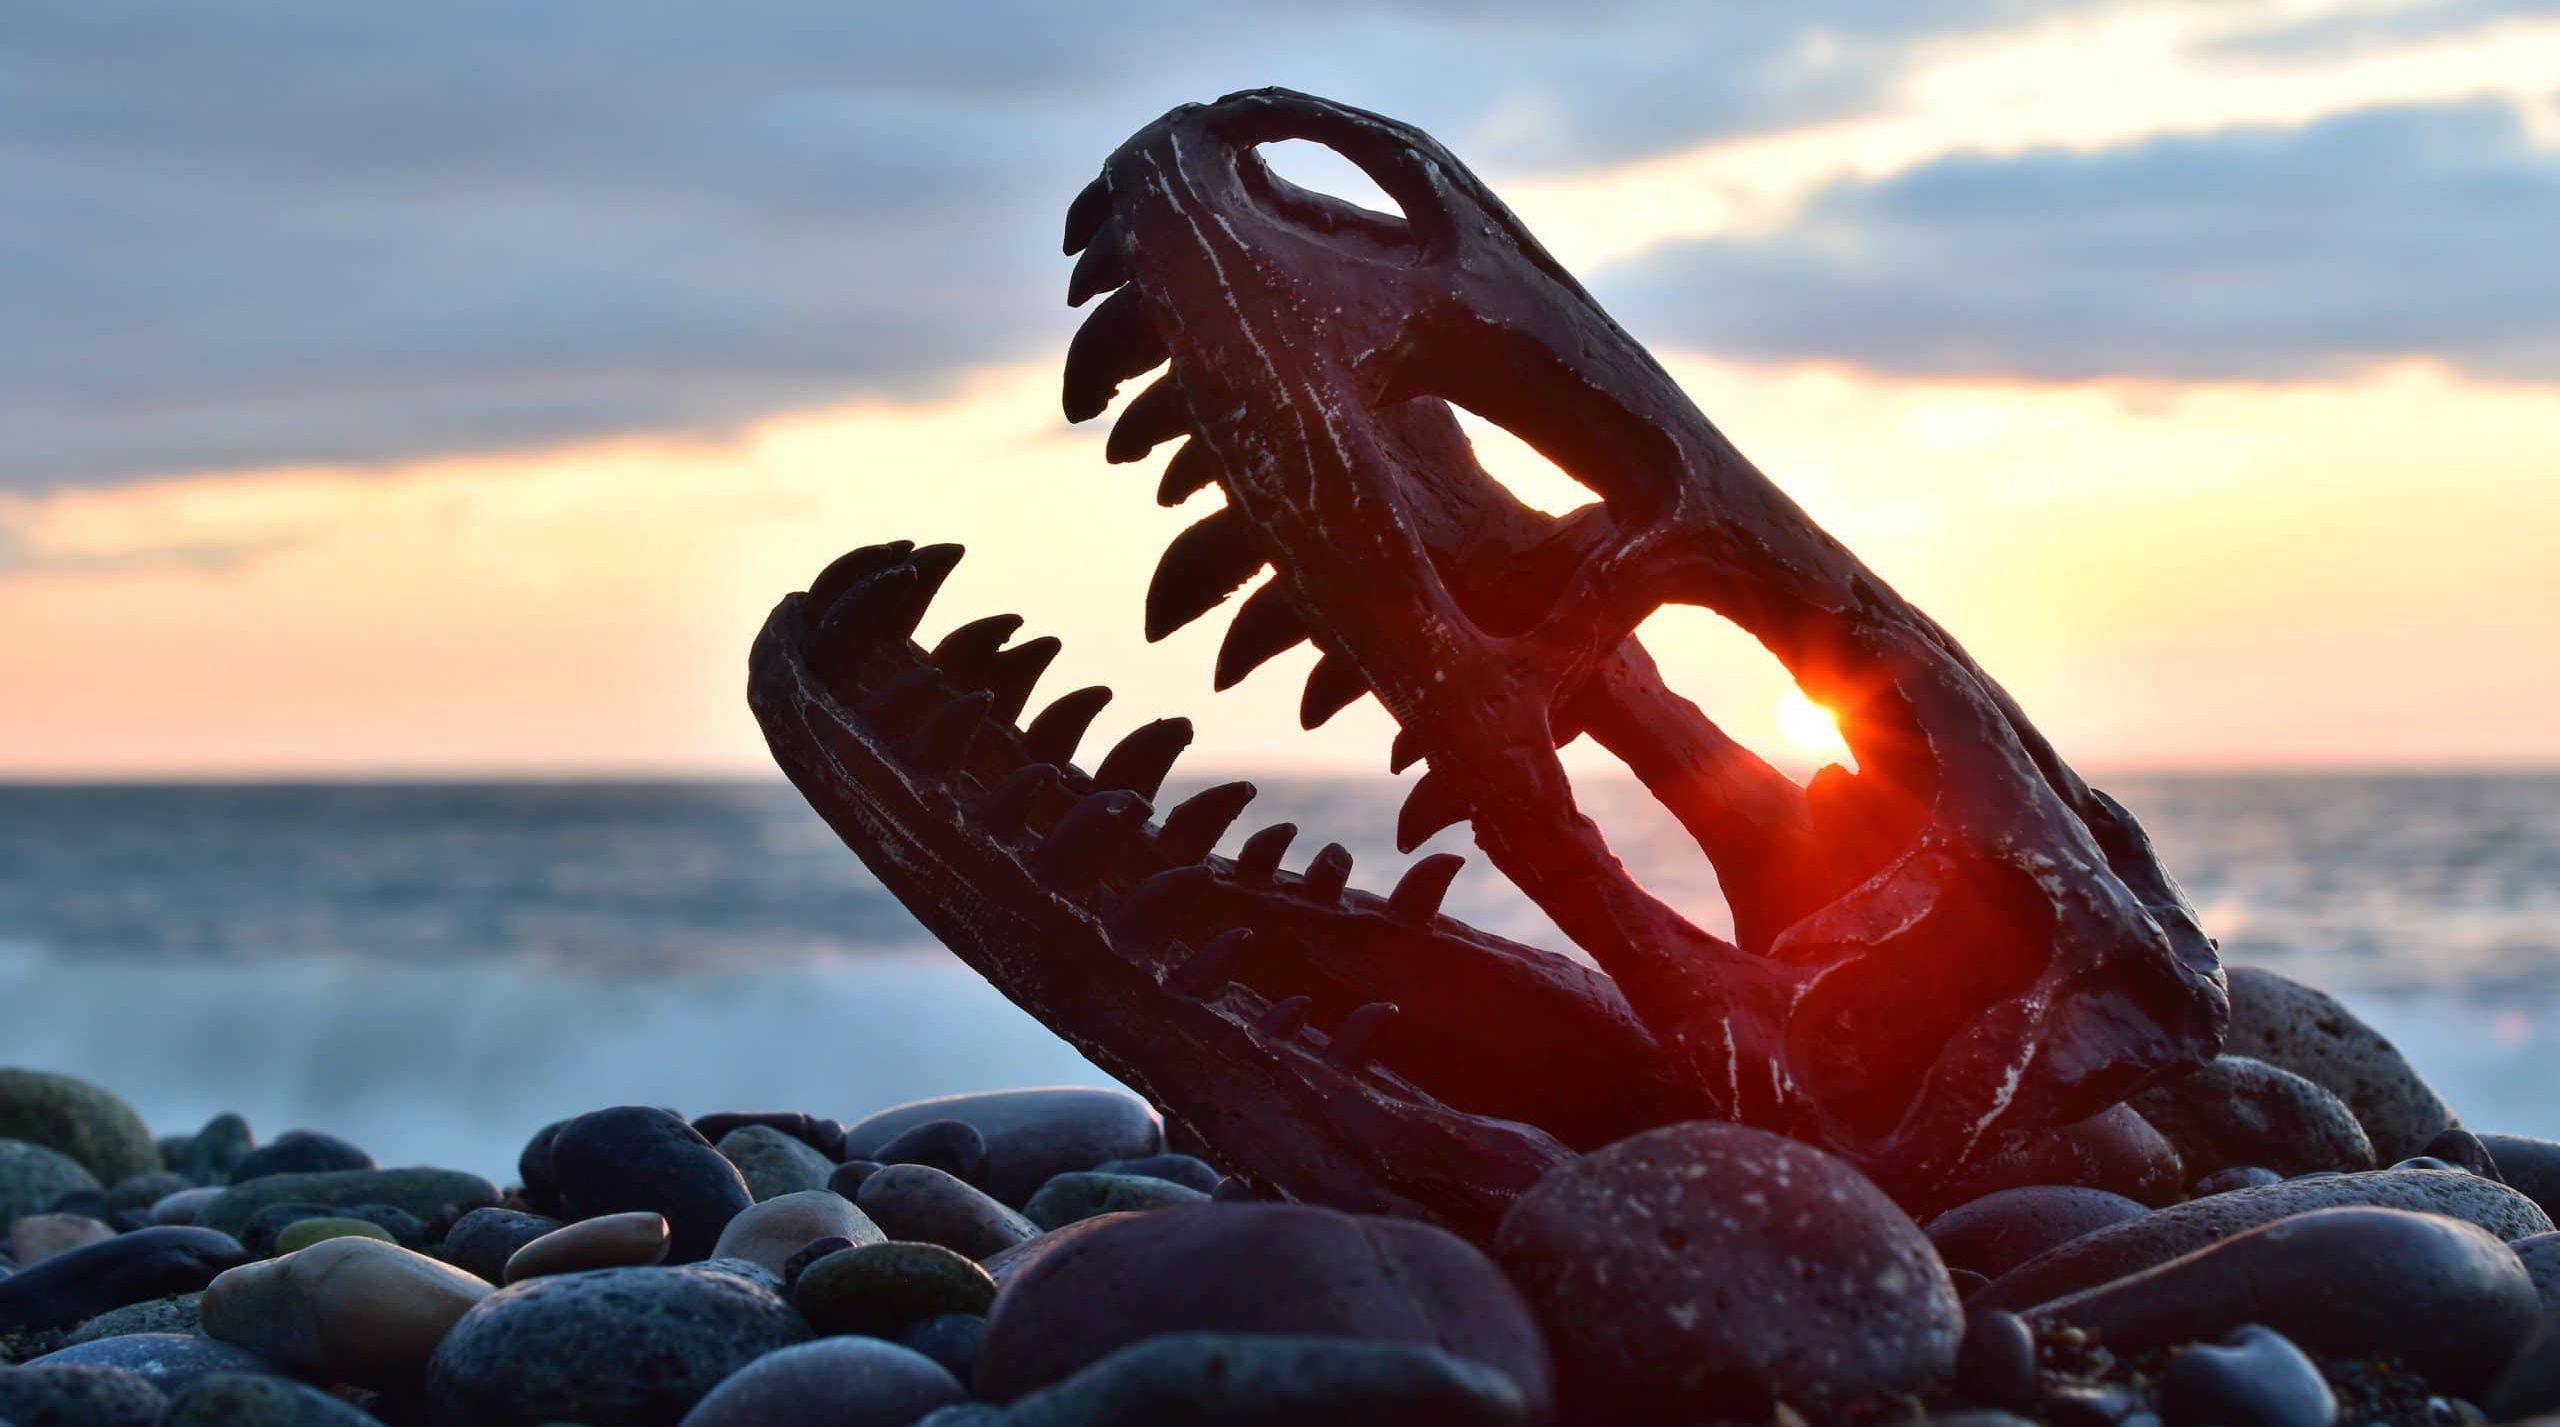 הרב יוני לביא: האם לתורה יש בעיה עם דינוזאורים?